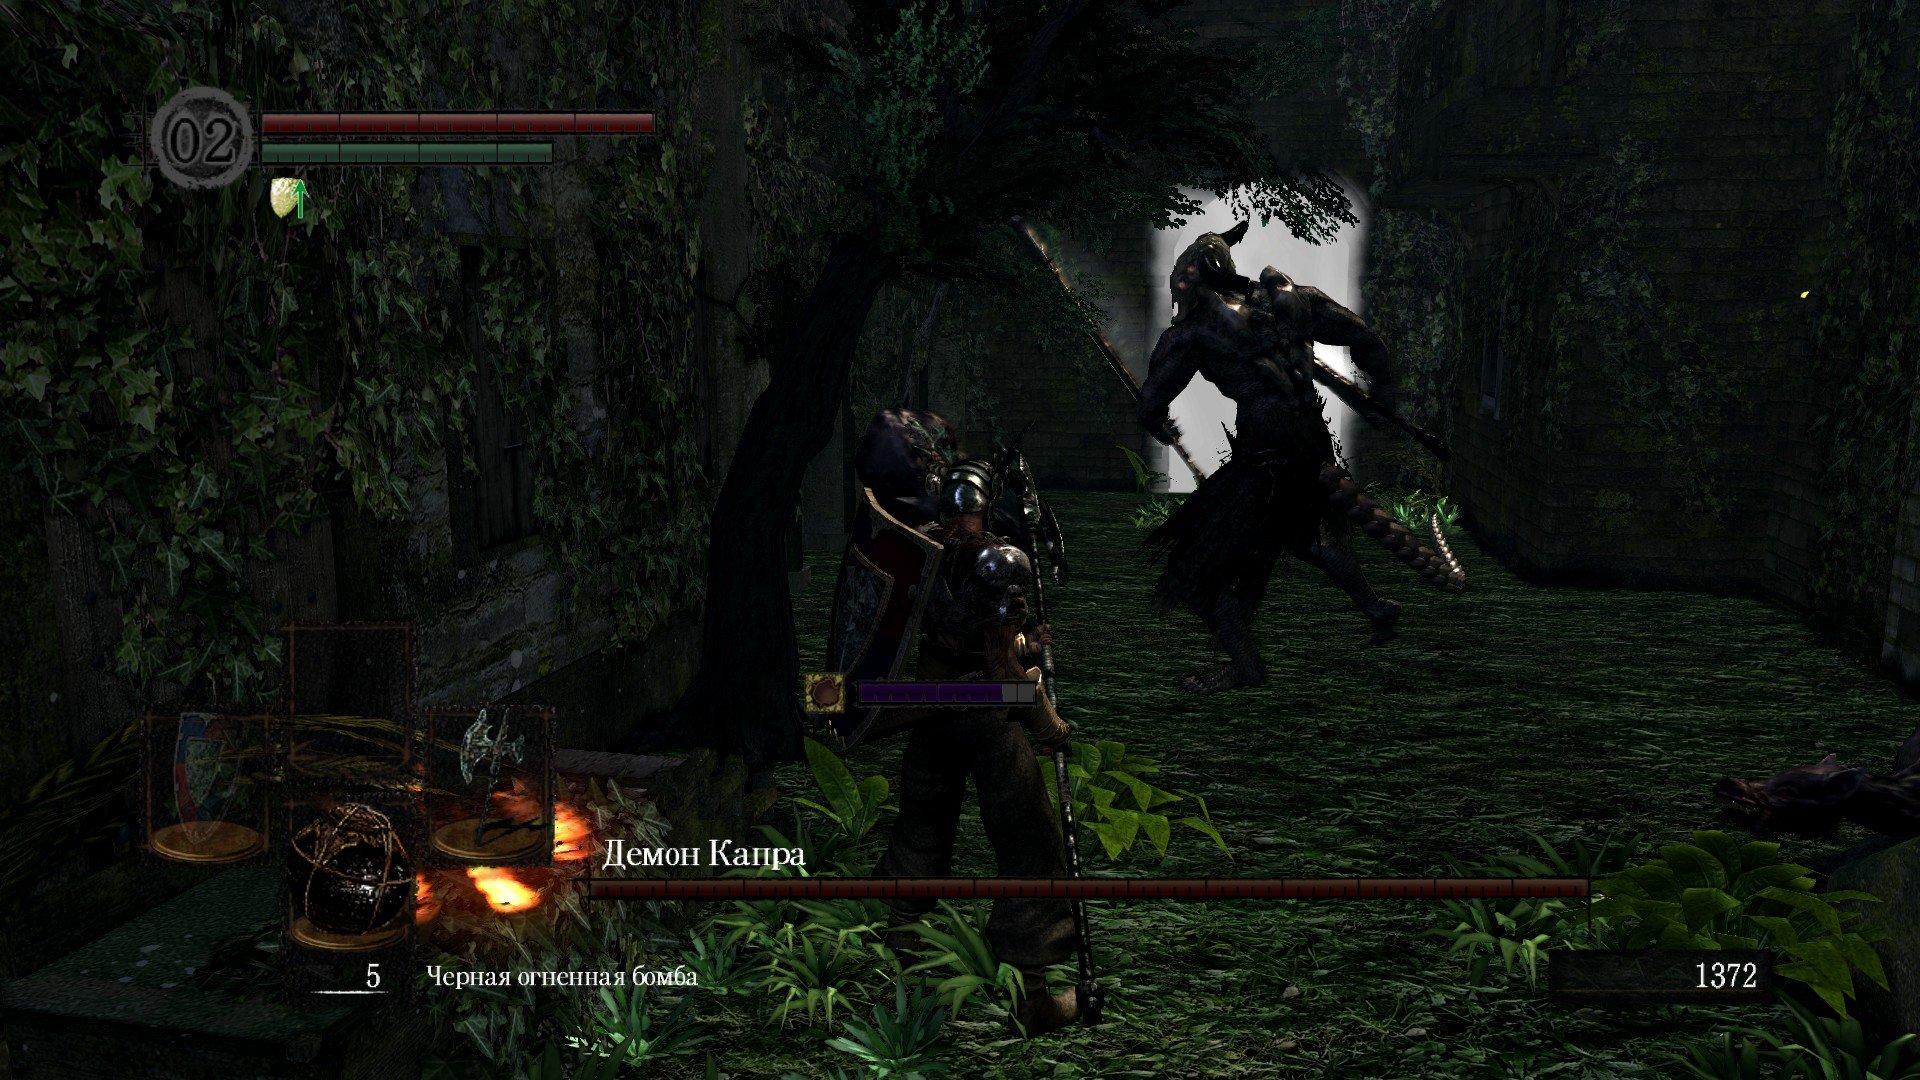 Вопль-прохождение Dark Souls часть 2 ... все в одном посте ... все еще думаю над названием!. - Изображение 5